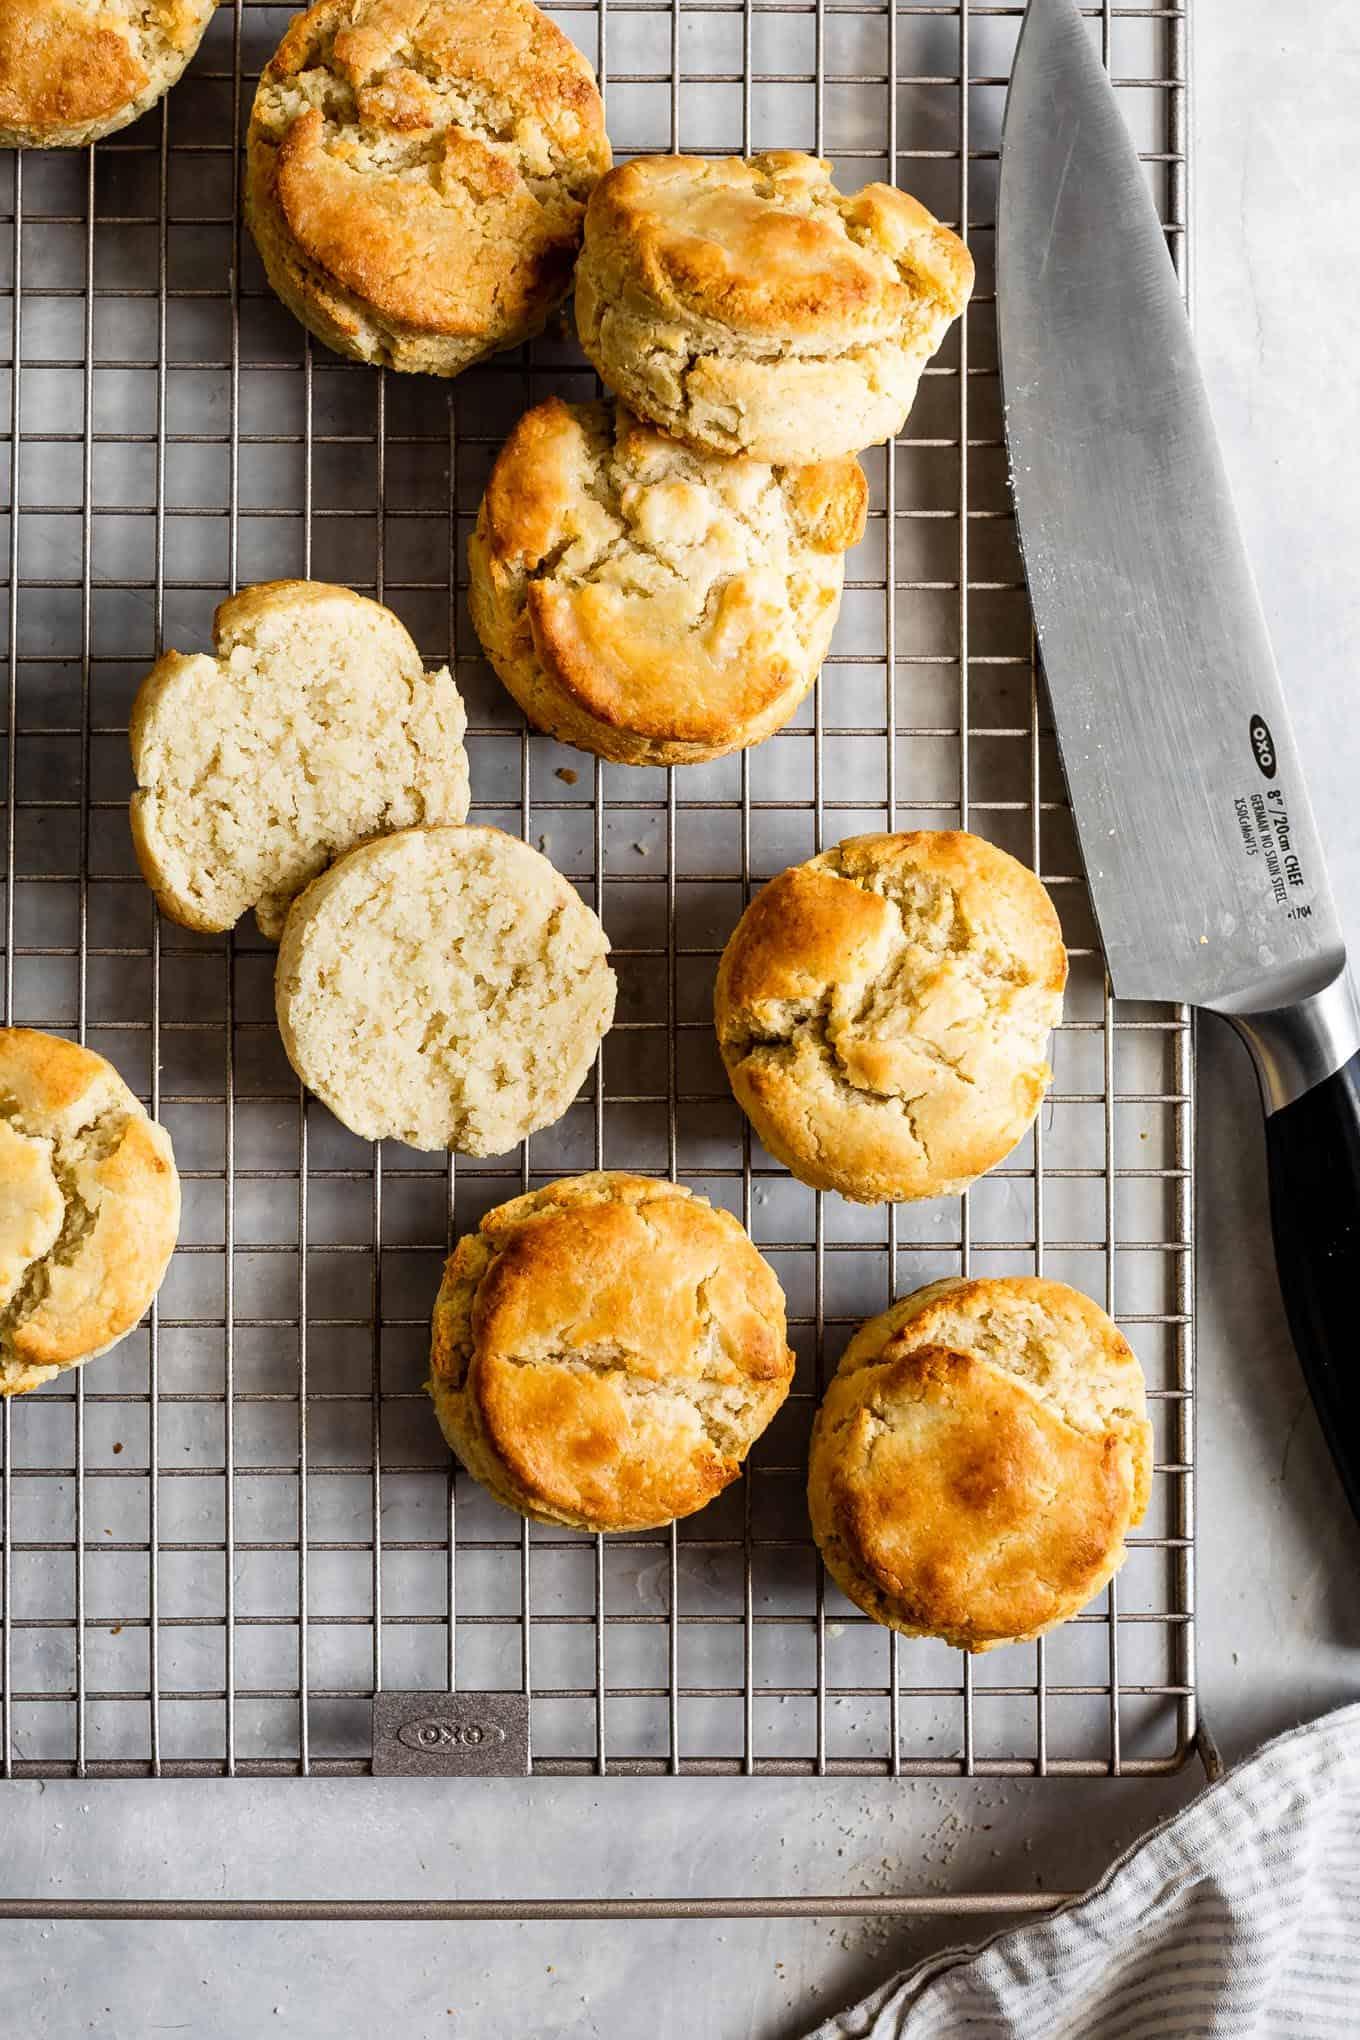 Fluffy Gluten-Free Biscuits